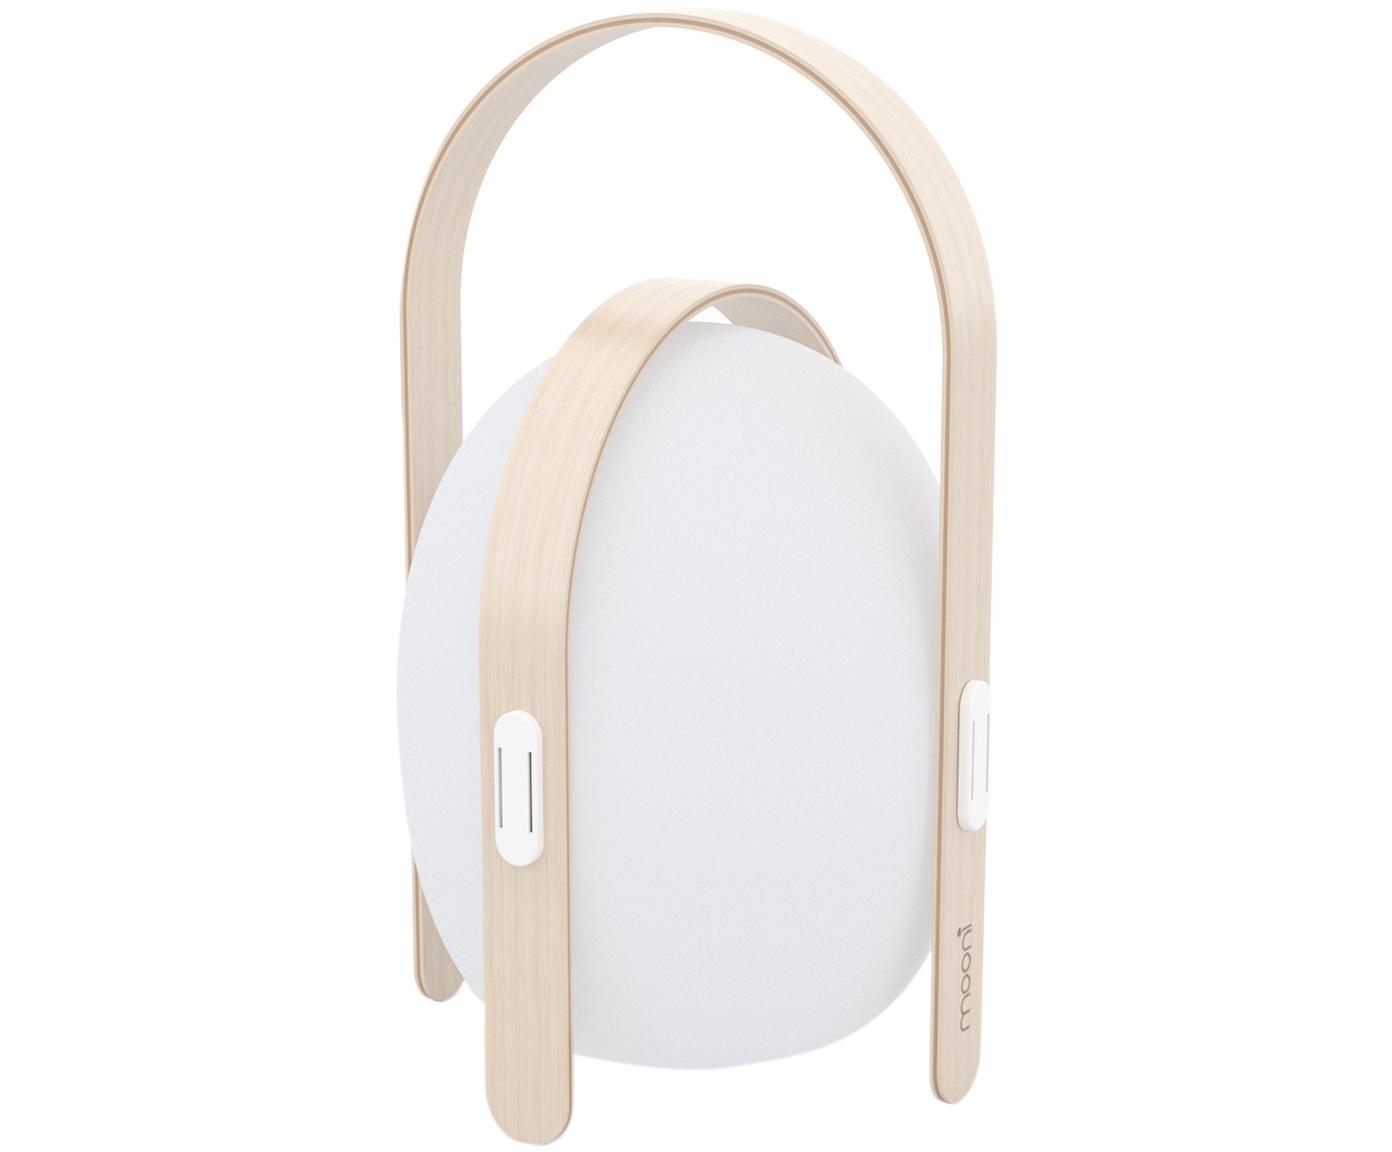 Mobile LED Aussenleuchte Ovo, Lampenschirm: Kunststoff, Gestell: Ulmenholz mit Birkenfurni, Weiss, Hellbraun, Ø 24 x H 39 cm